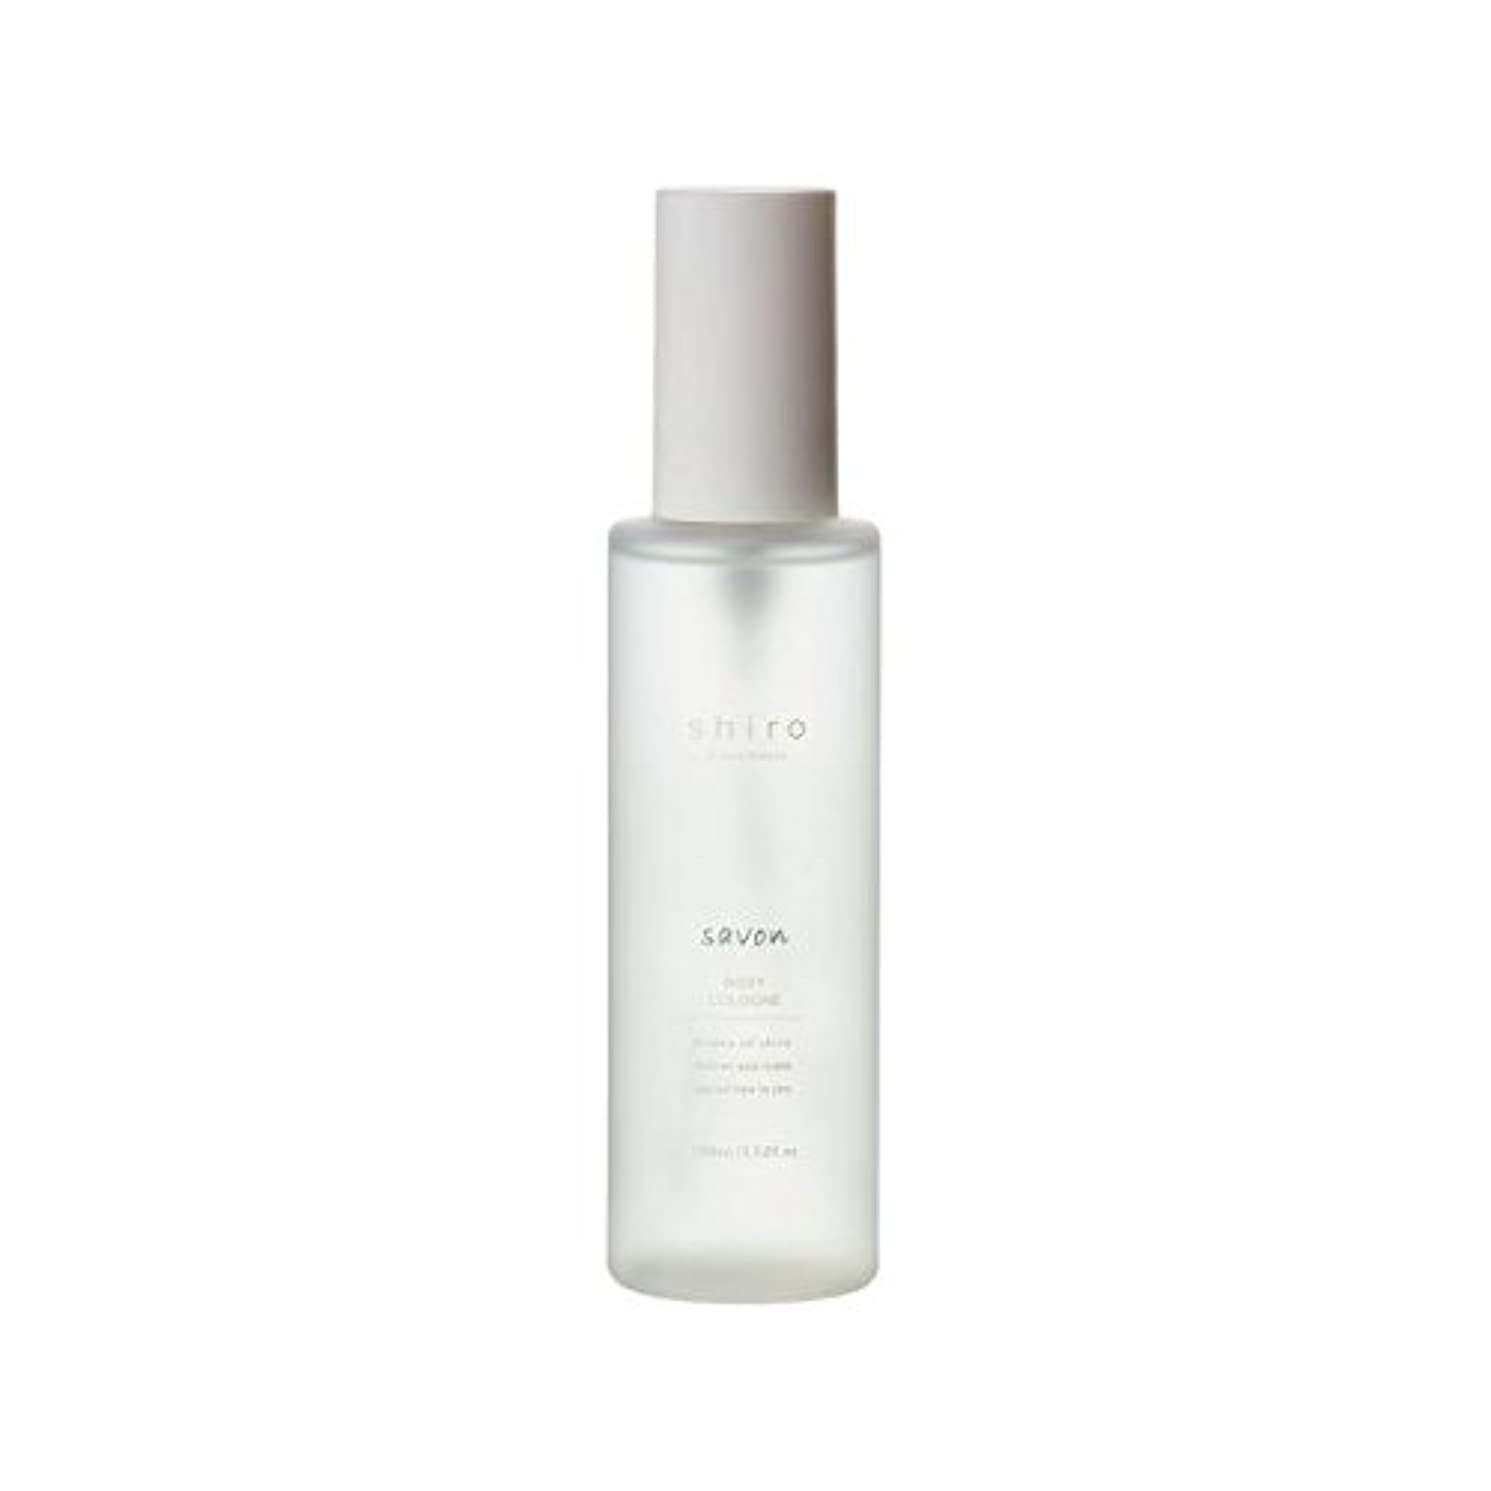 日焼け悔い改め玉ねぎshiro サボン ボディコロン 100ml 清潔で透明感のある自然な石けんの香り ミスト シロ